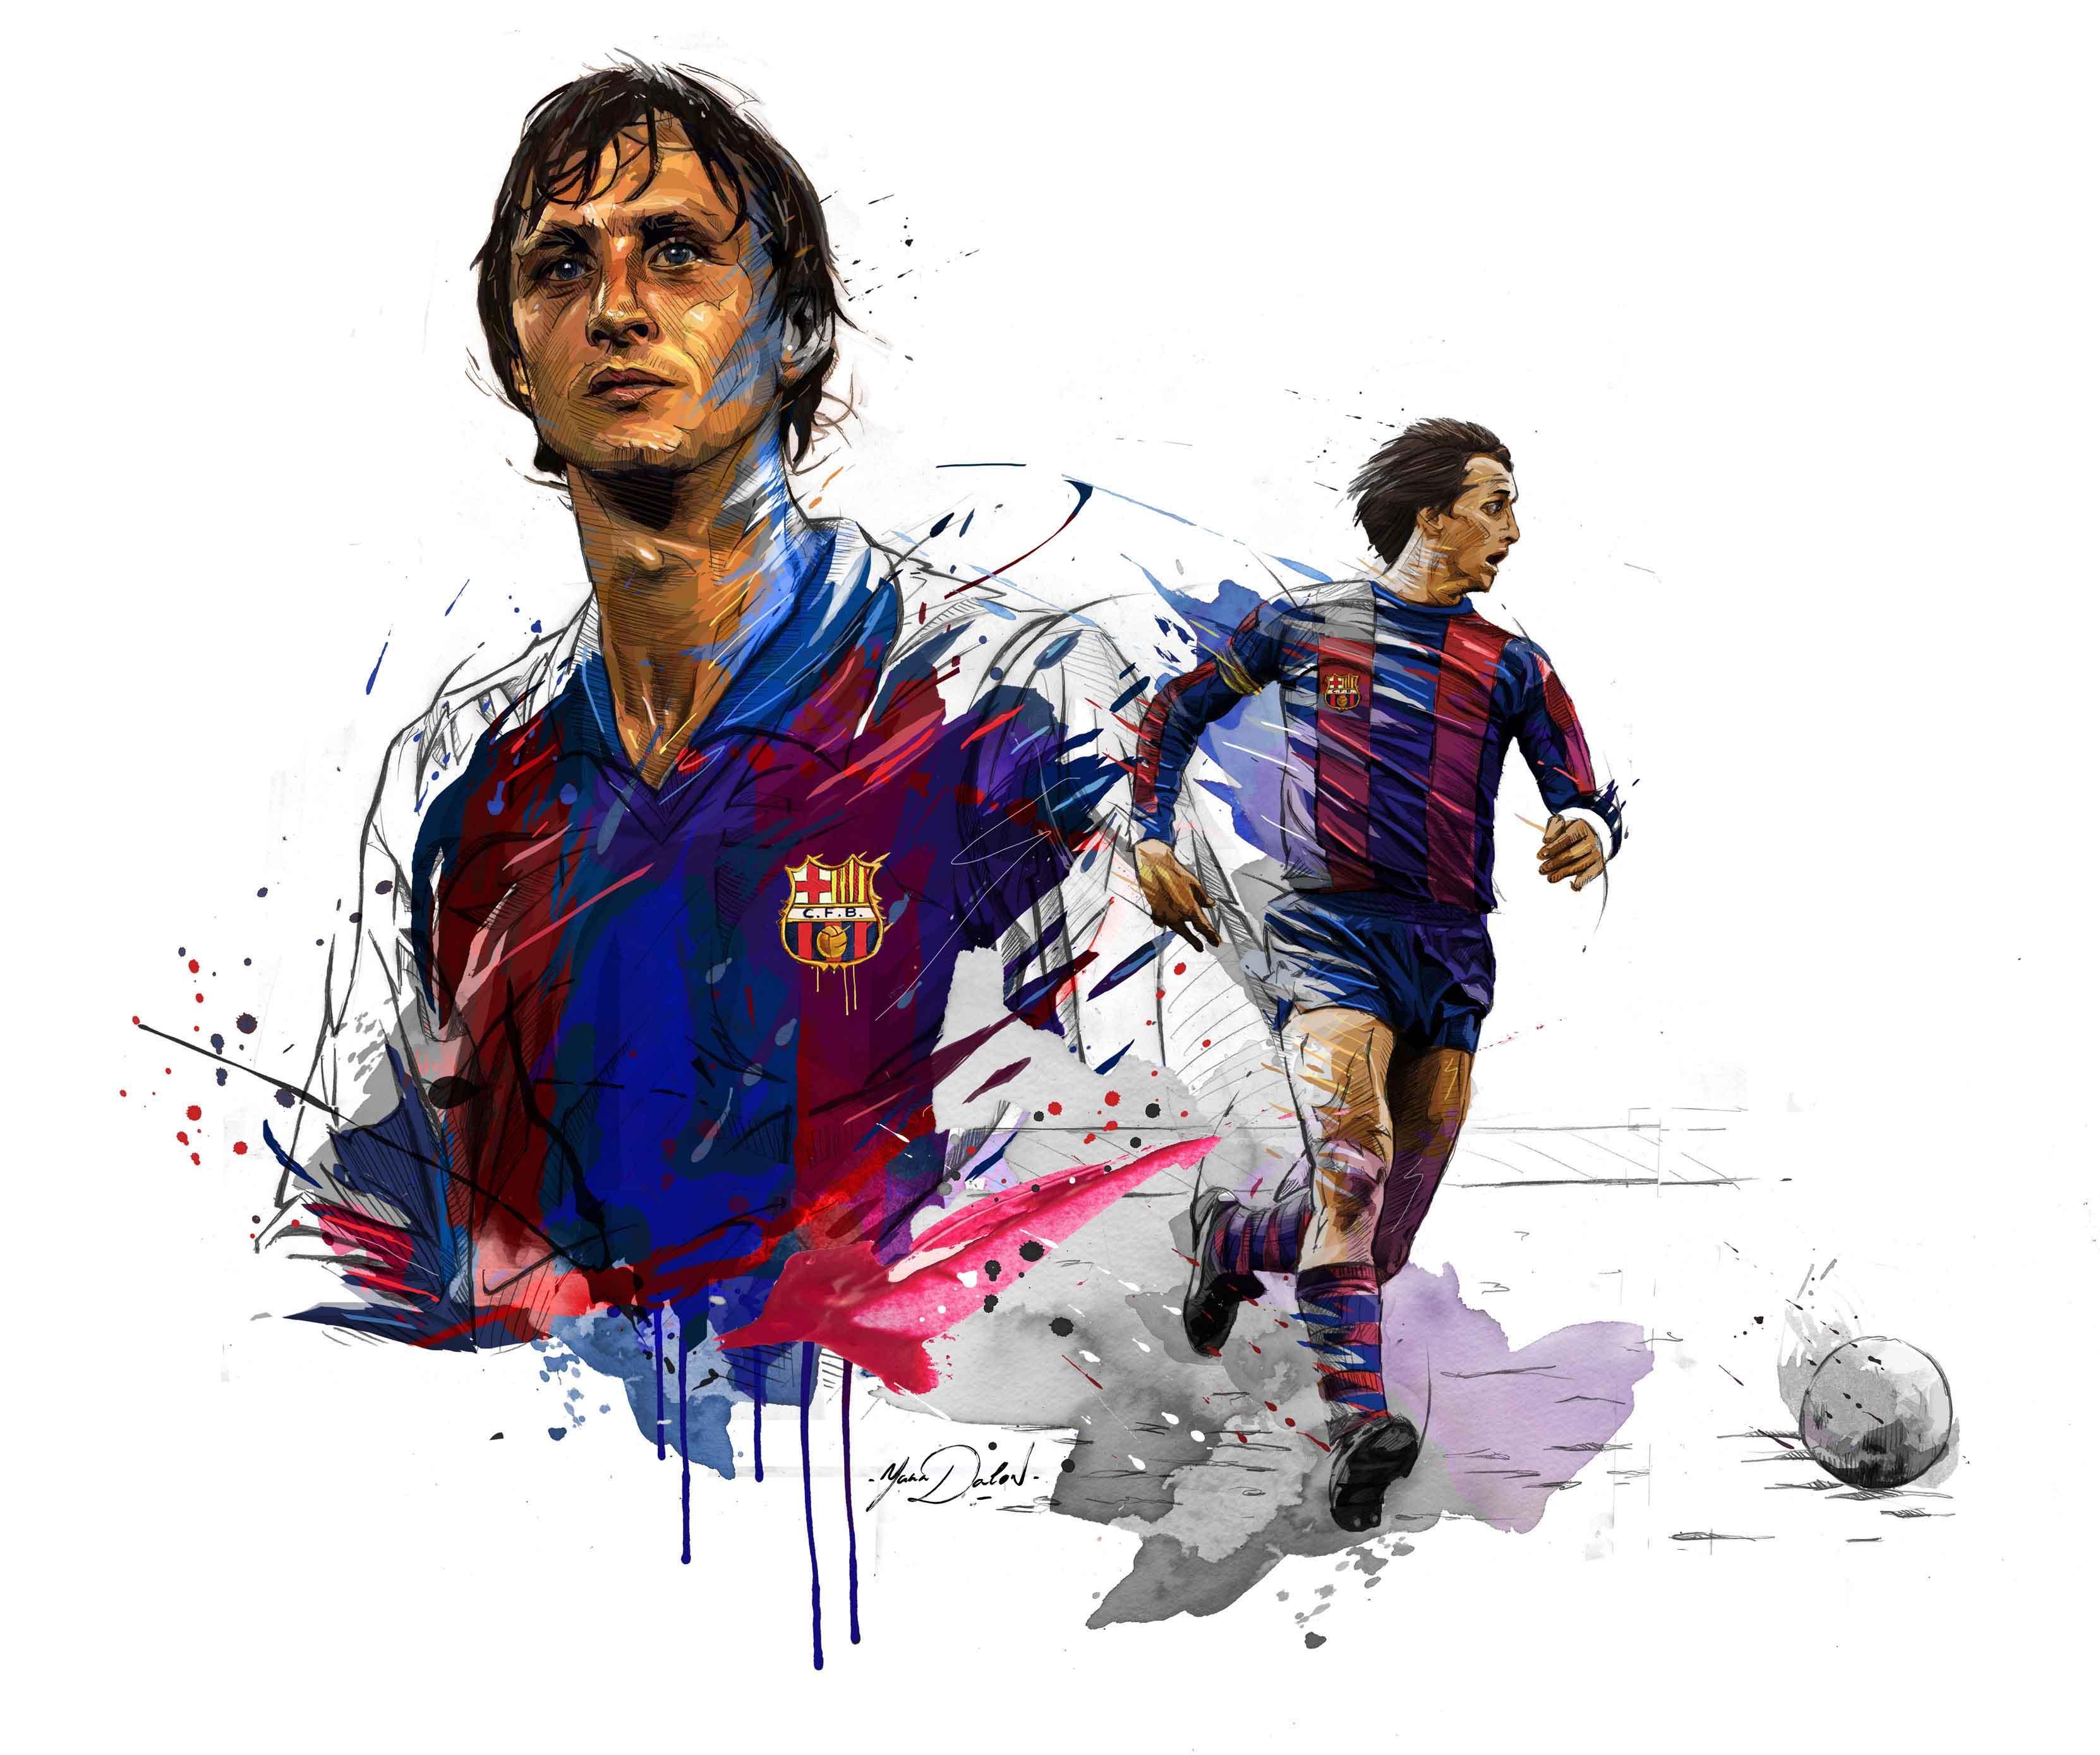 Johan Cruyff by Yann Dalon - SoccerBible